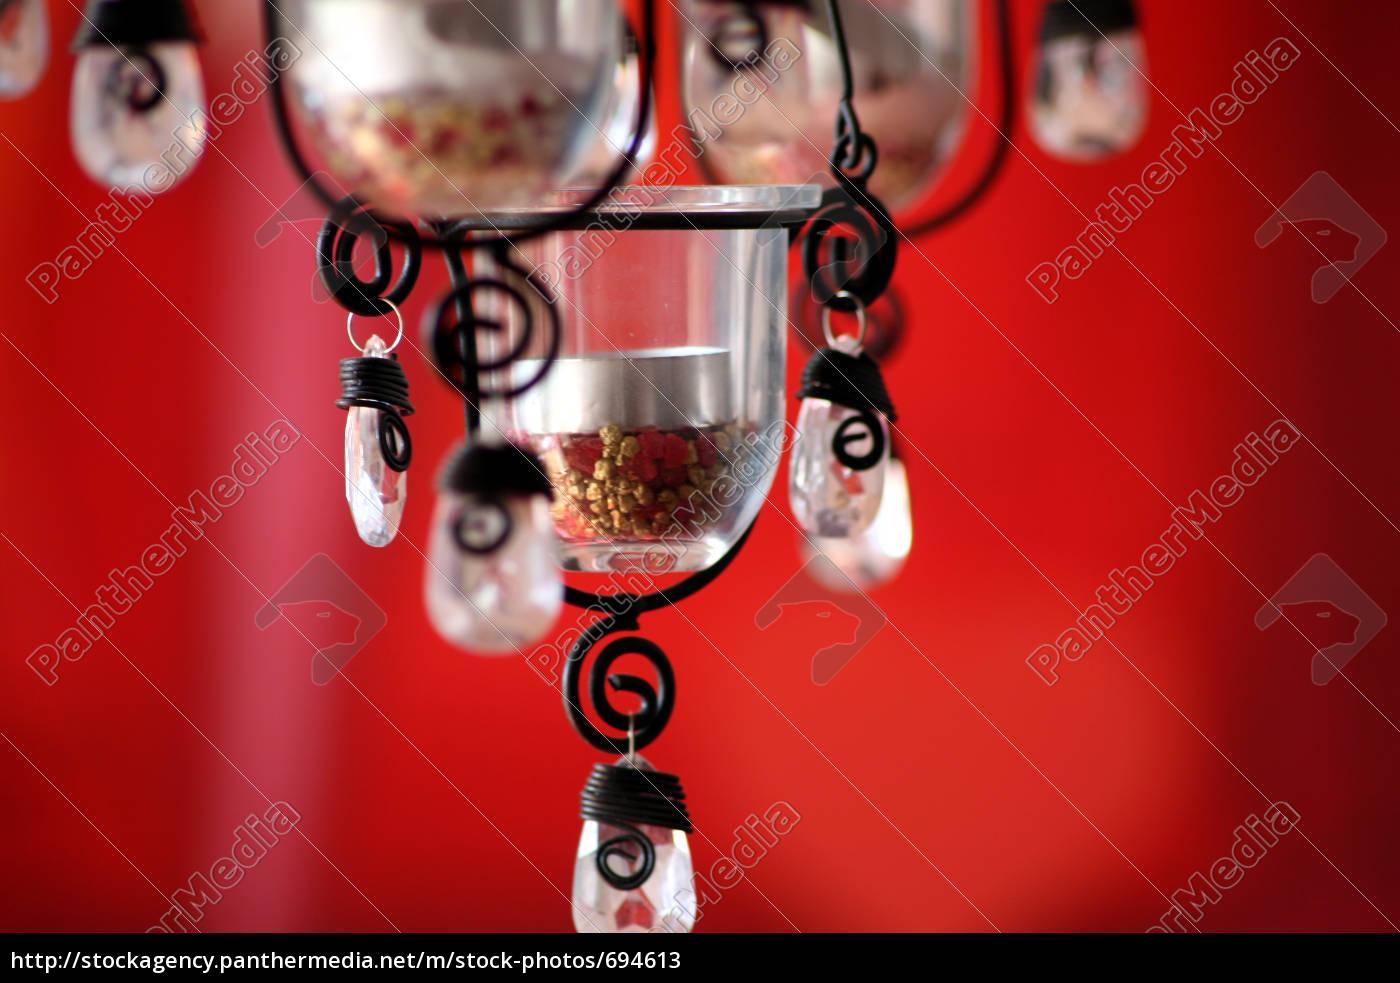 candlesticks - 694613